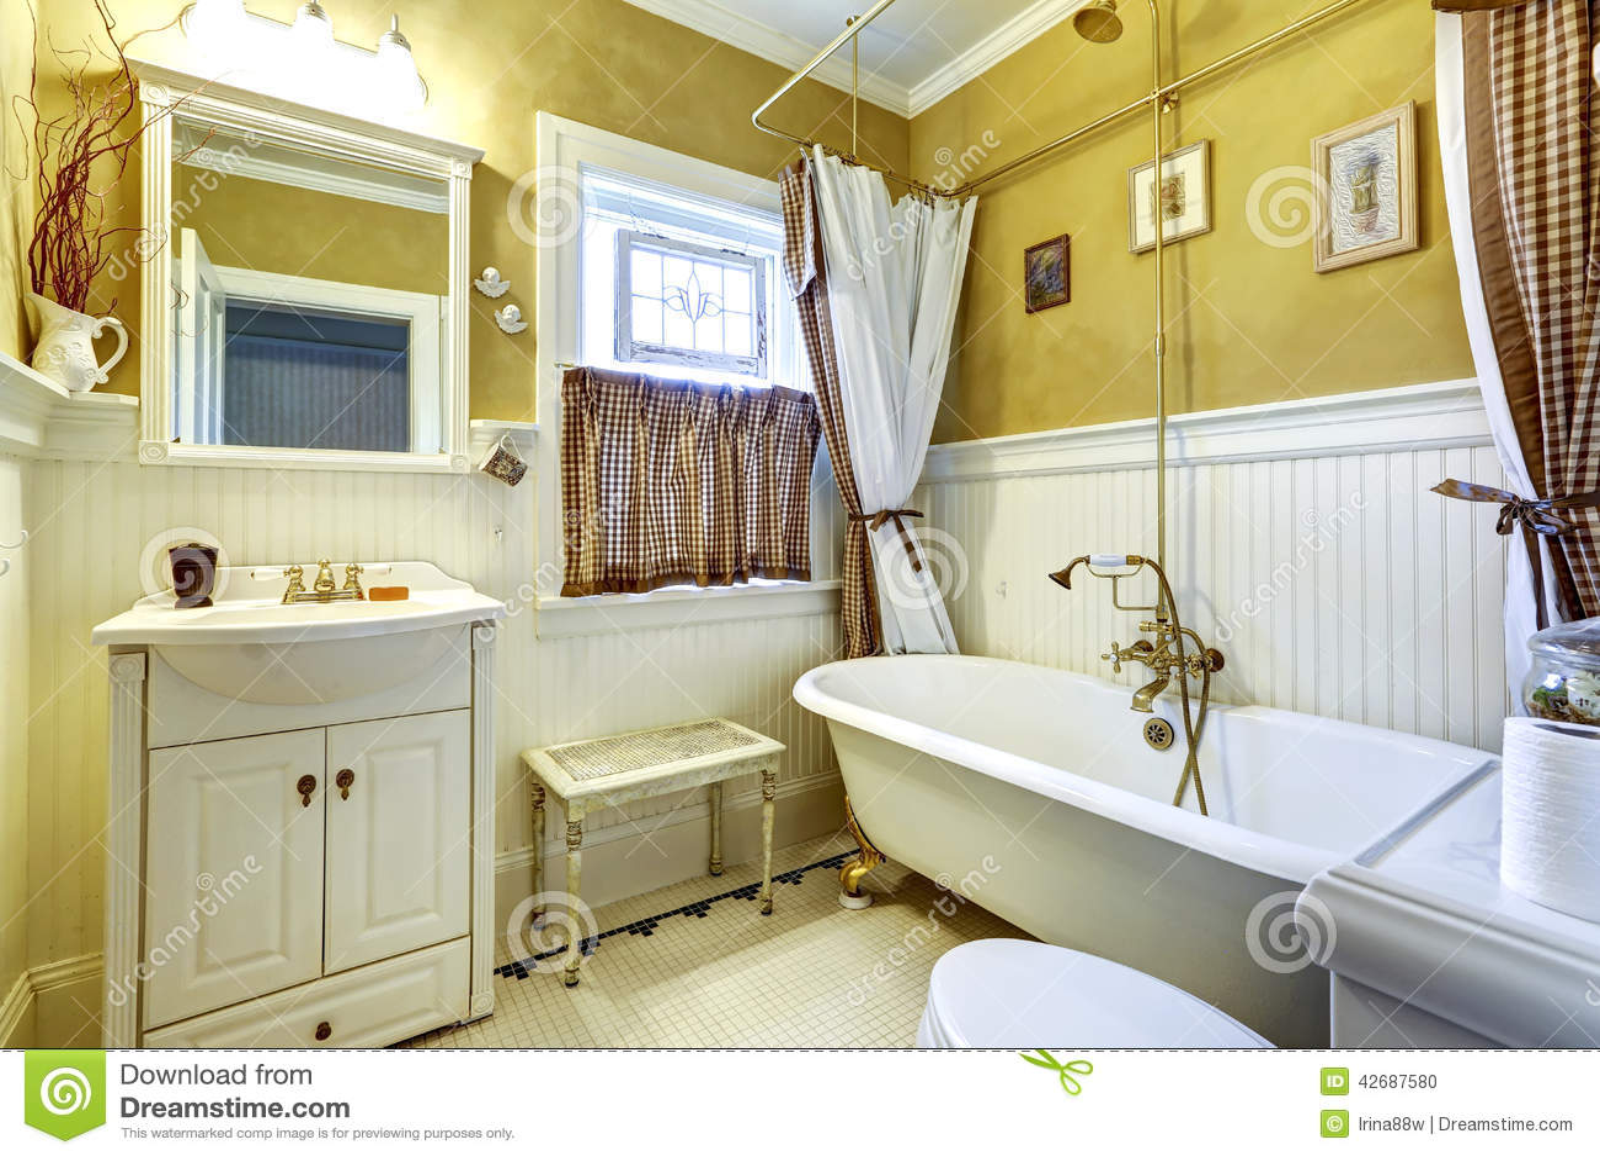 Int rieur antique blanc et jaune de salle de bains photo for Interieur salle de bain